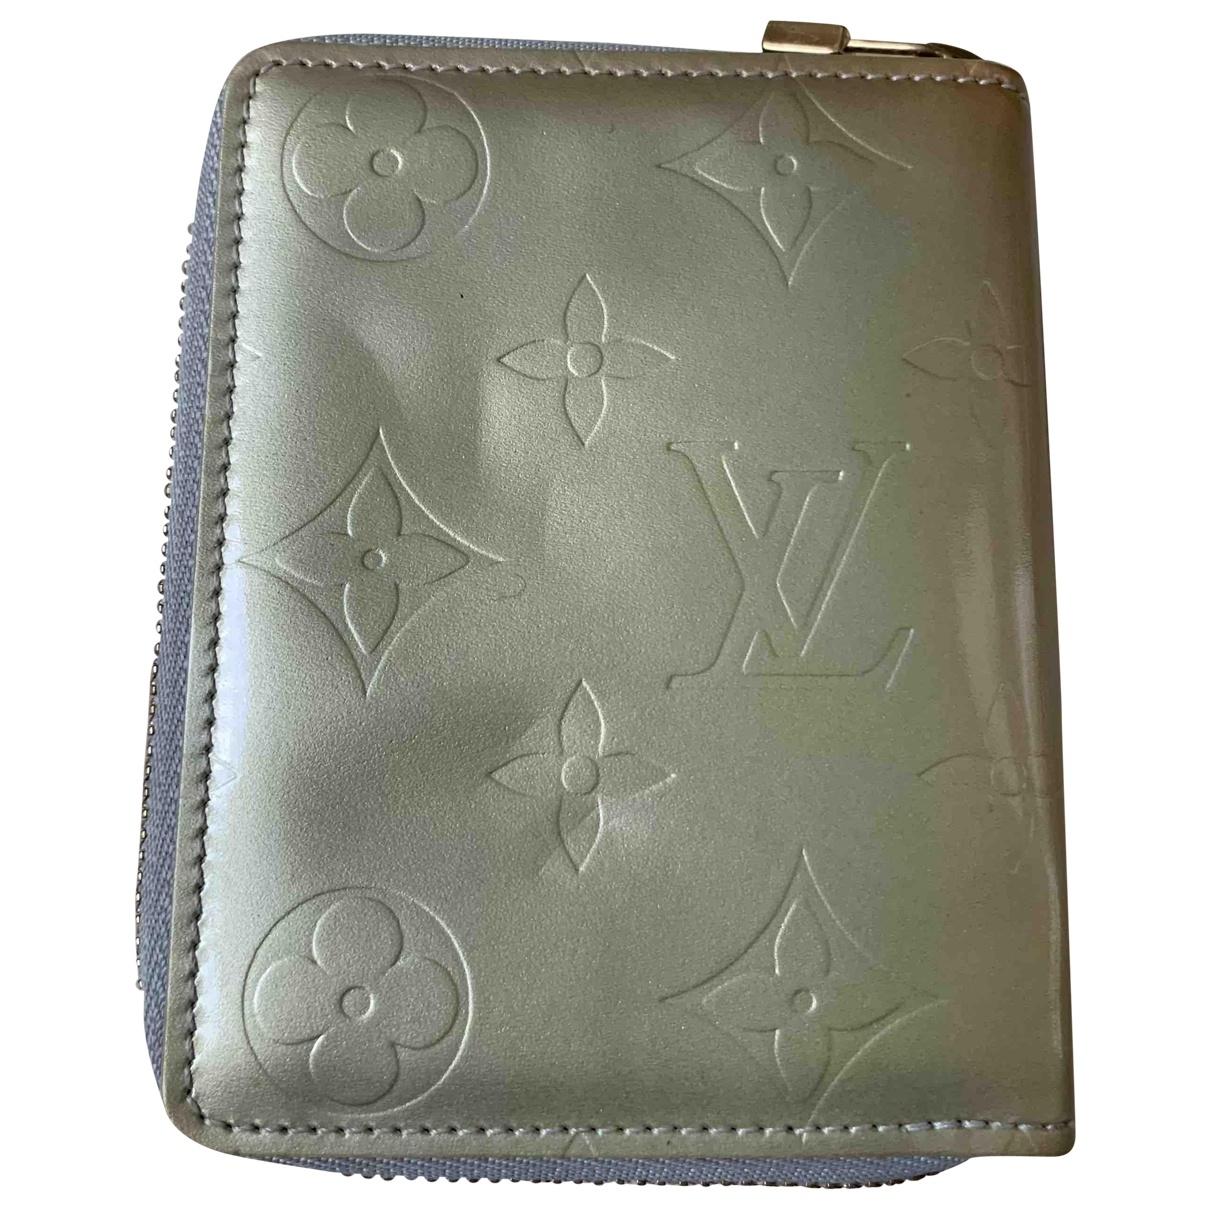 Louis Vuitton \N Portemonnaie in  Grau Lackleder